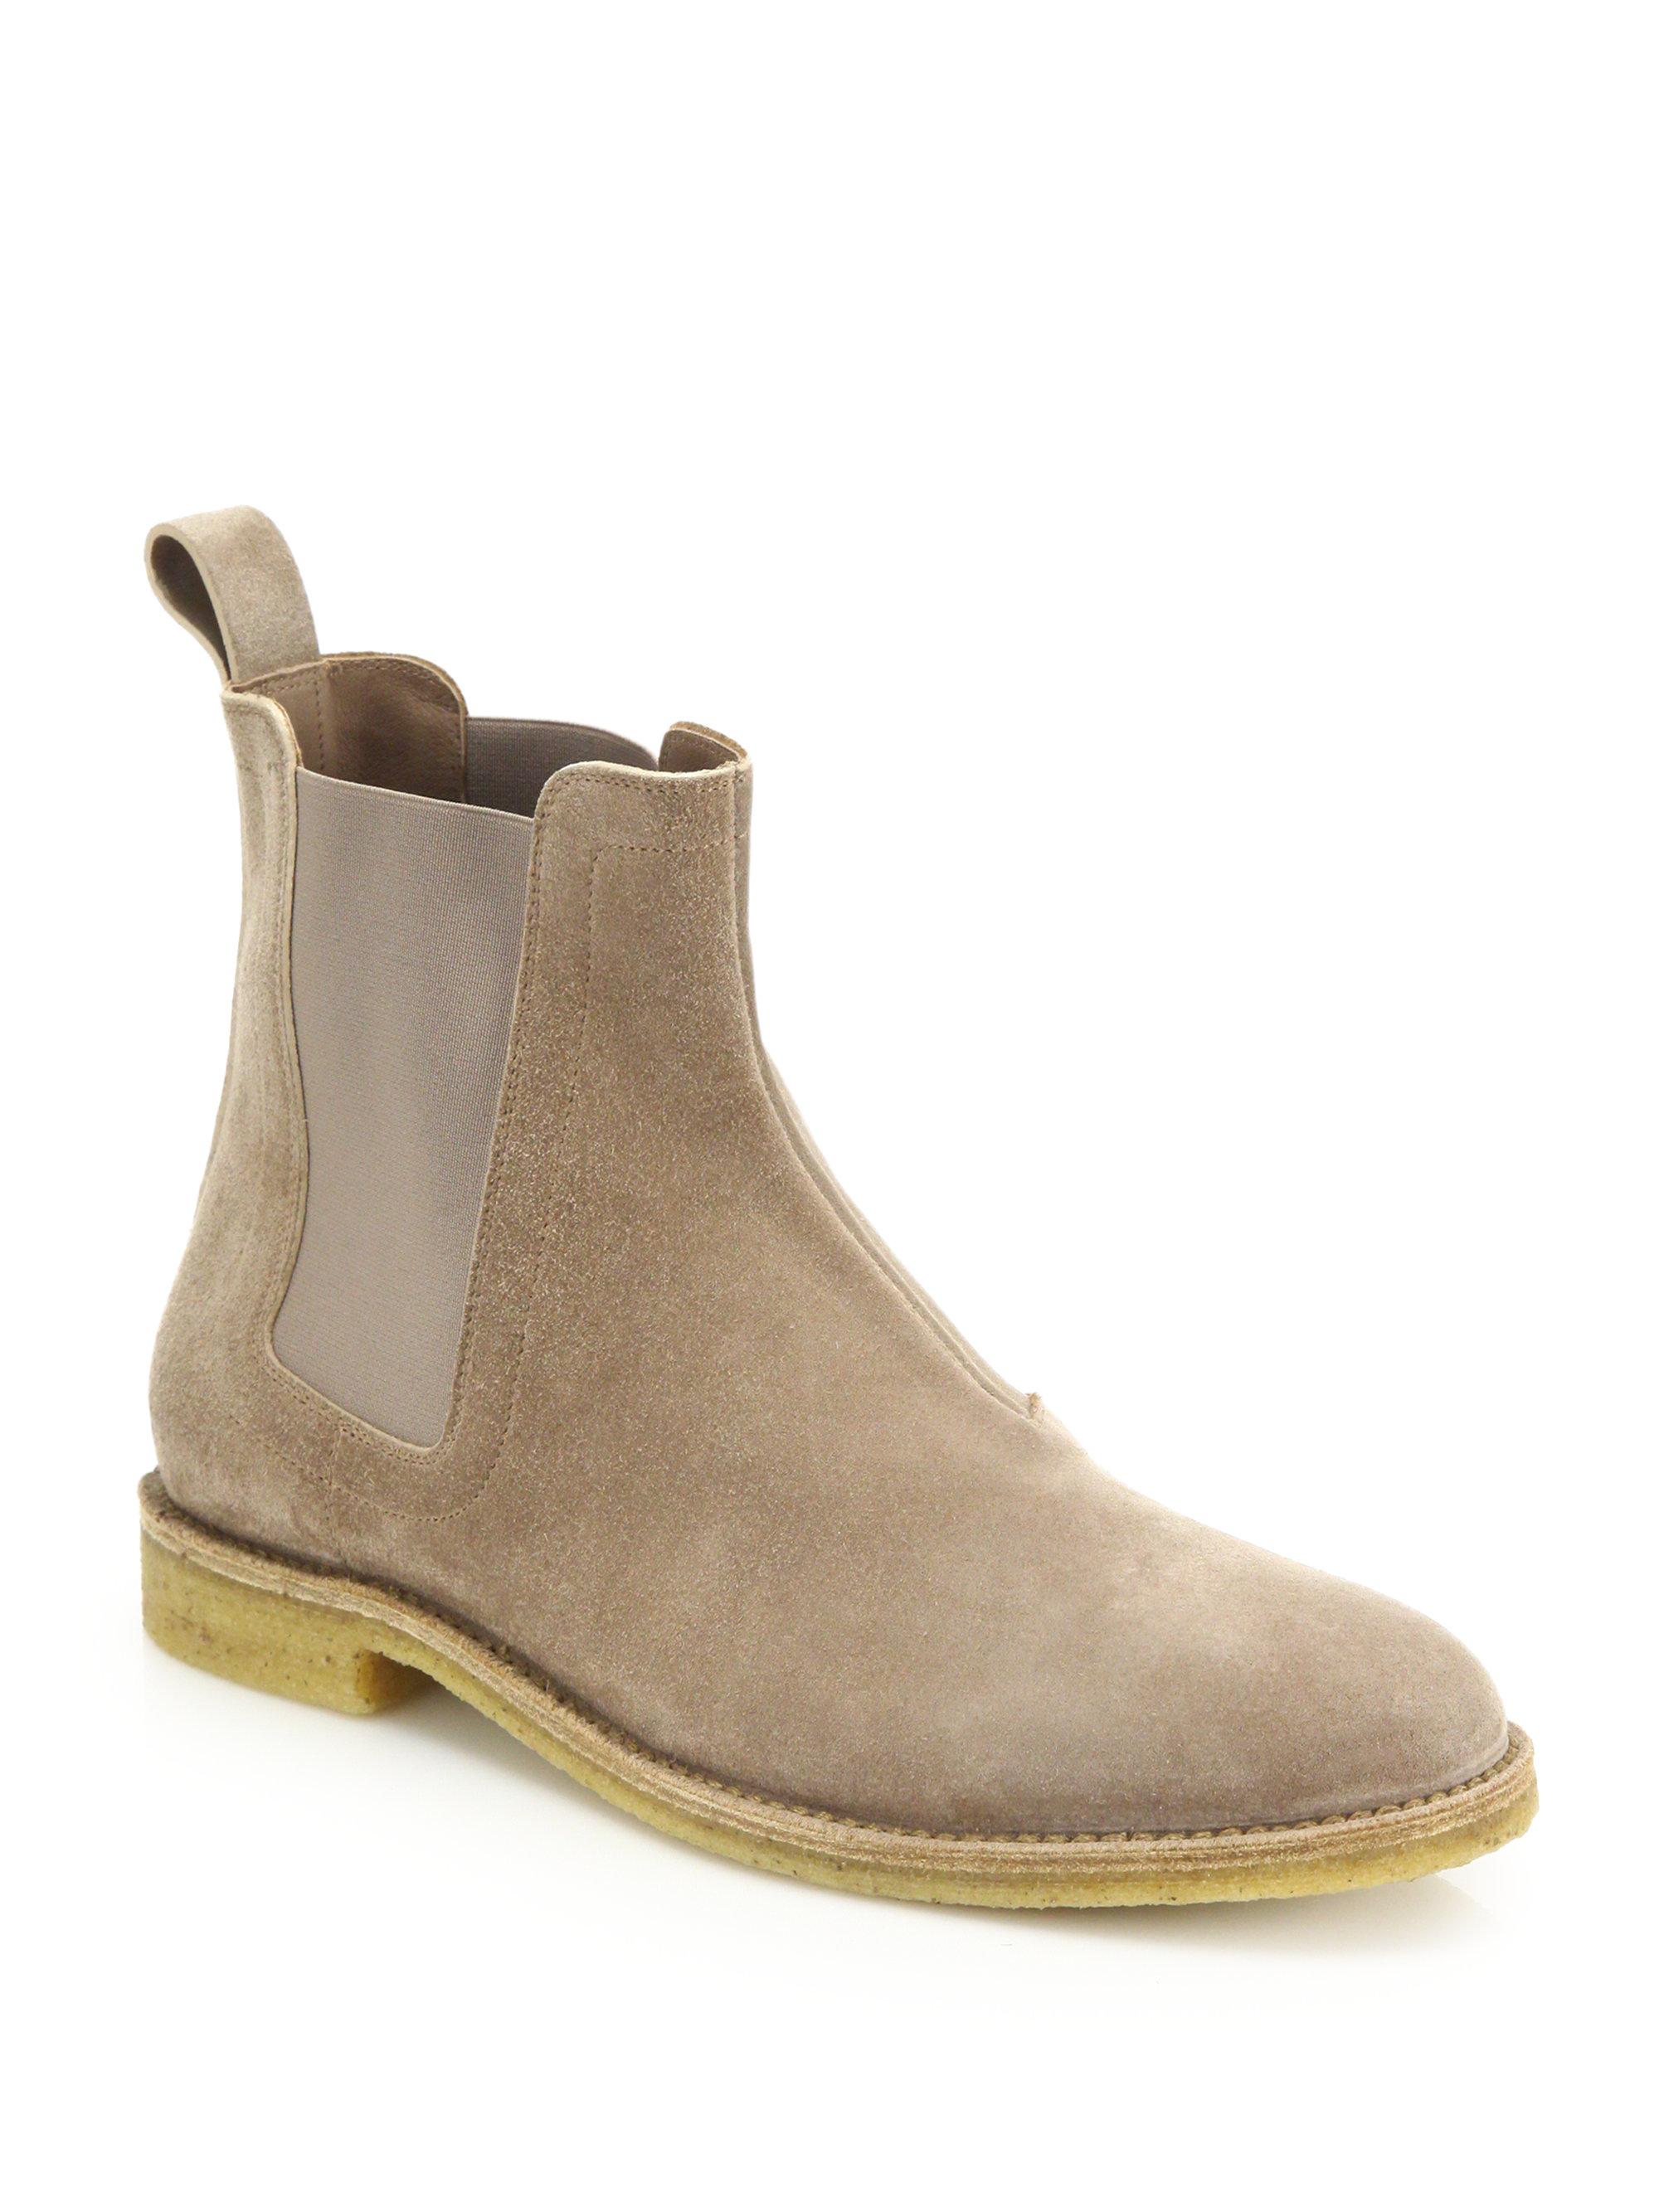 Bottega Veneta Tan Suede Chelsea Boots A8d12zWzzj